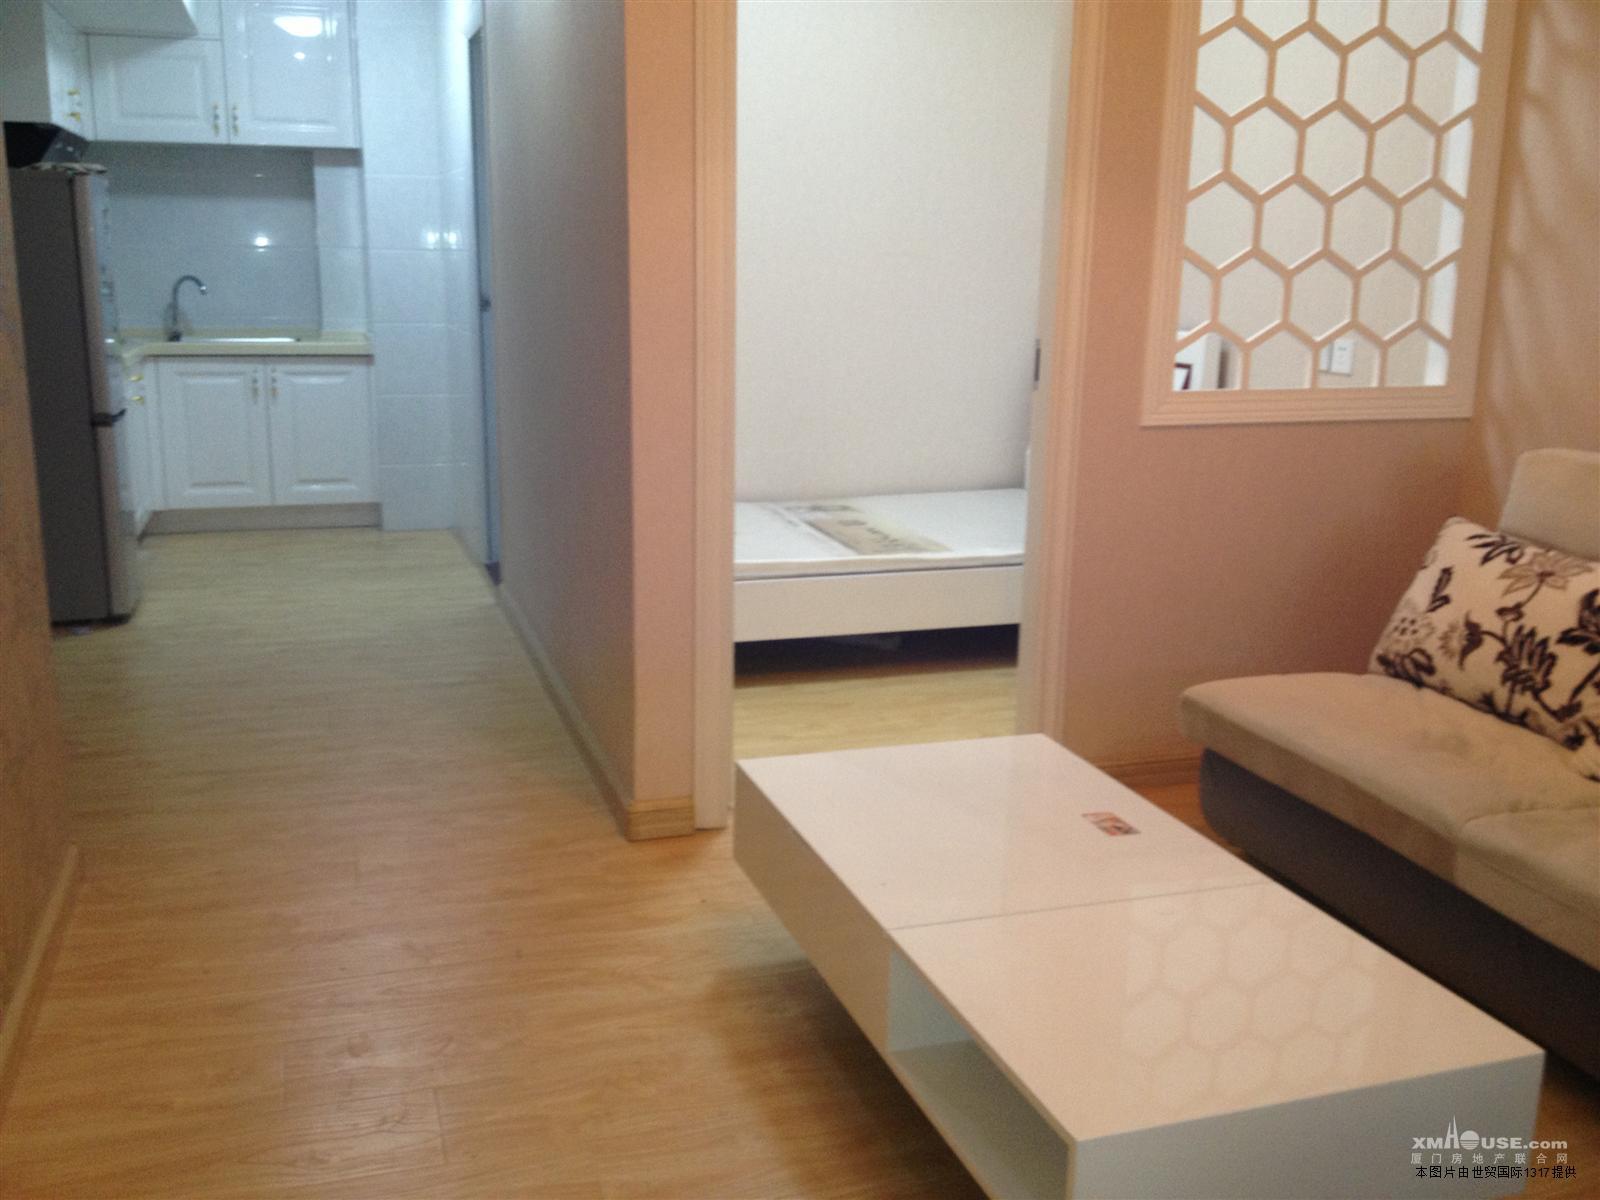 世贸国际_2房1厅出售_思明区火车站附近 - 厦门房地产